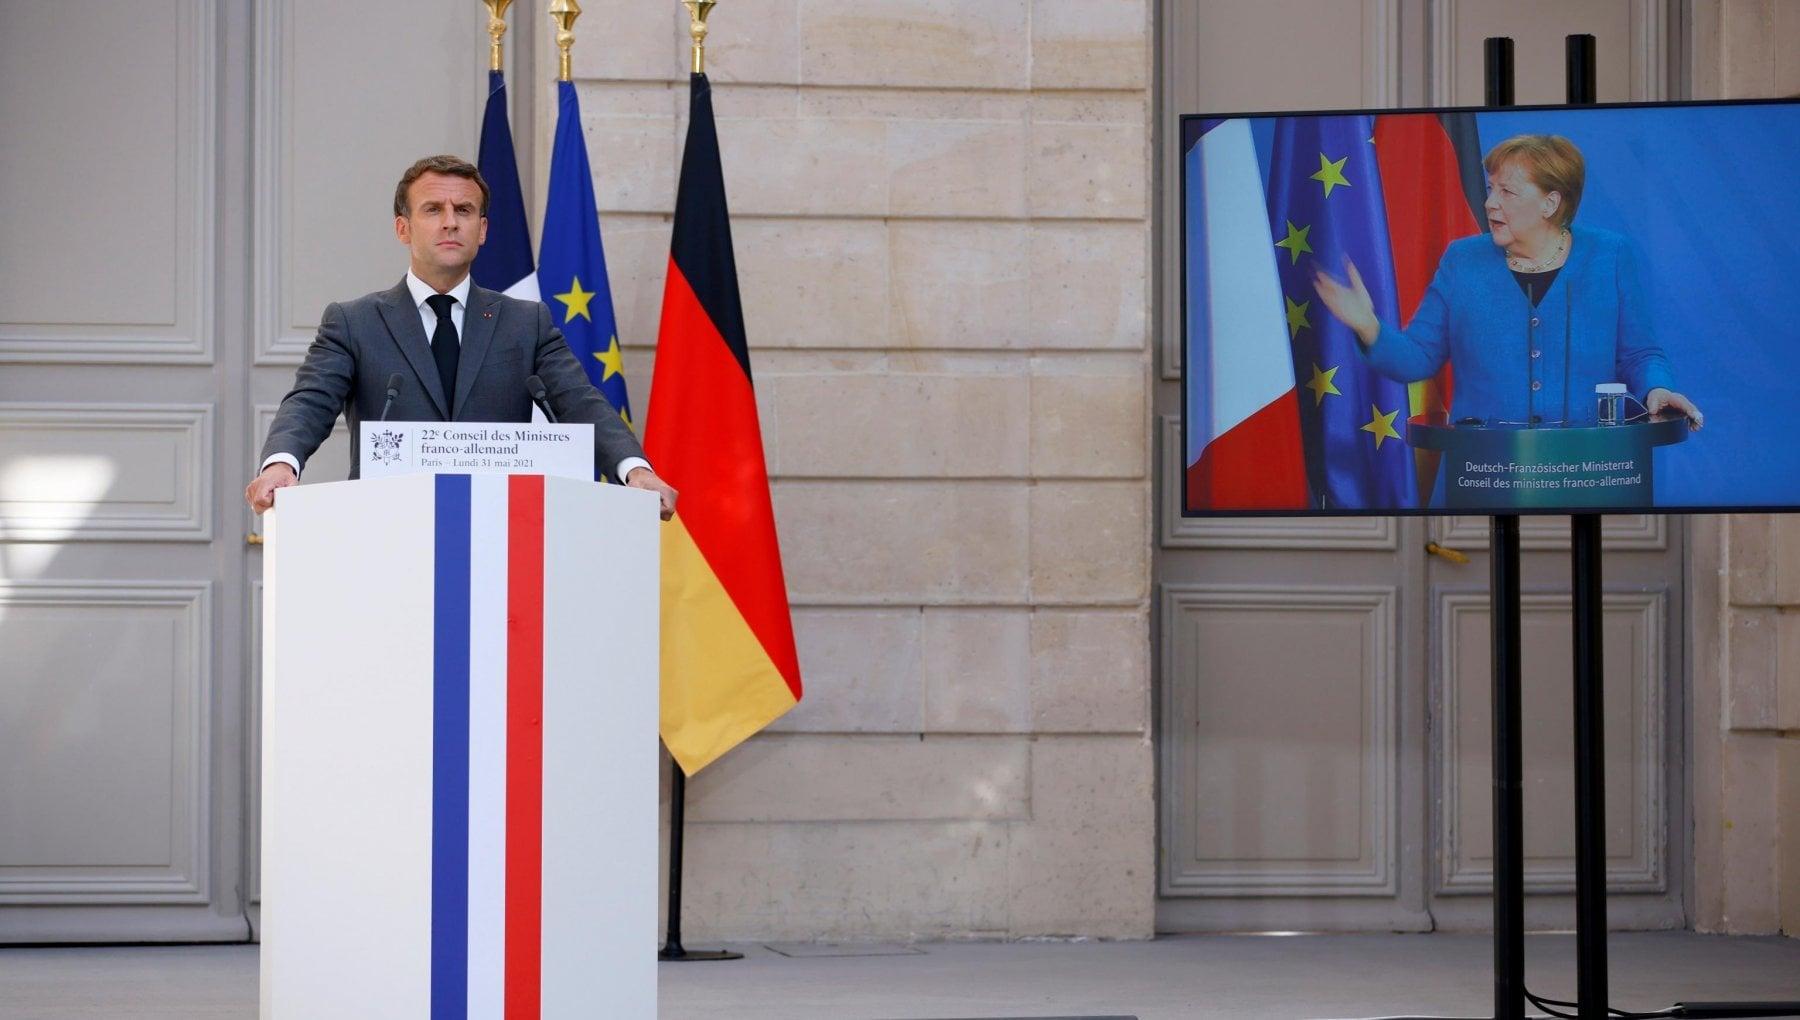 """220958553 1fb0abae ca20 440d 9943 7a0900dacb42 - Migranti, patto Macron-Merkel per le quote. """"Ma chi viene dall'Italia sarà mandato indietro"""""""